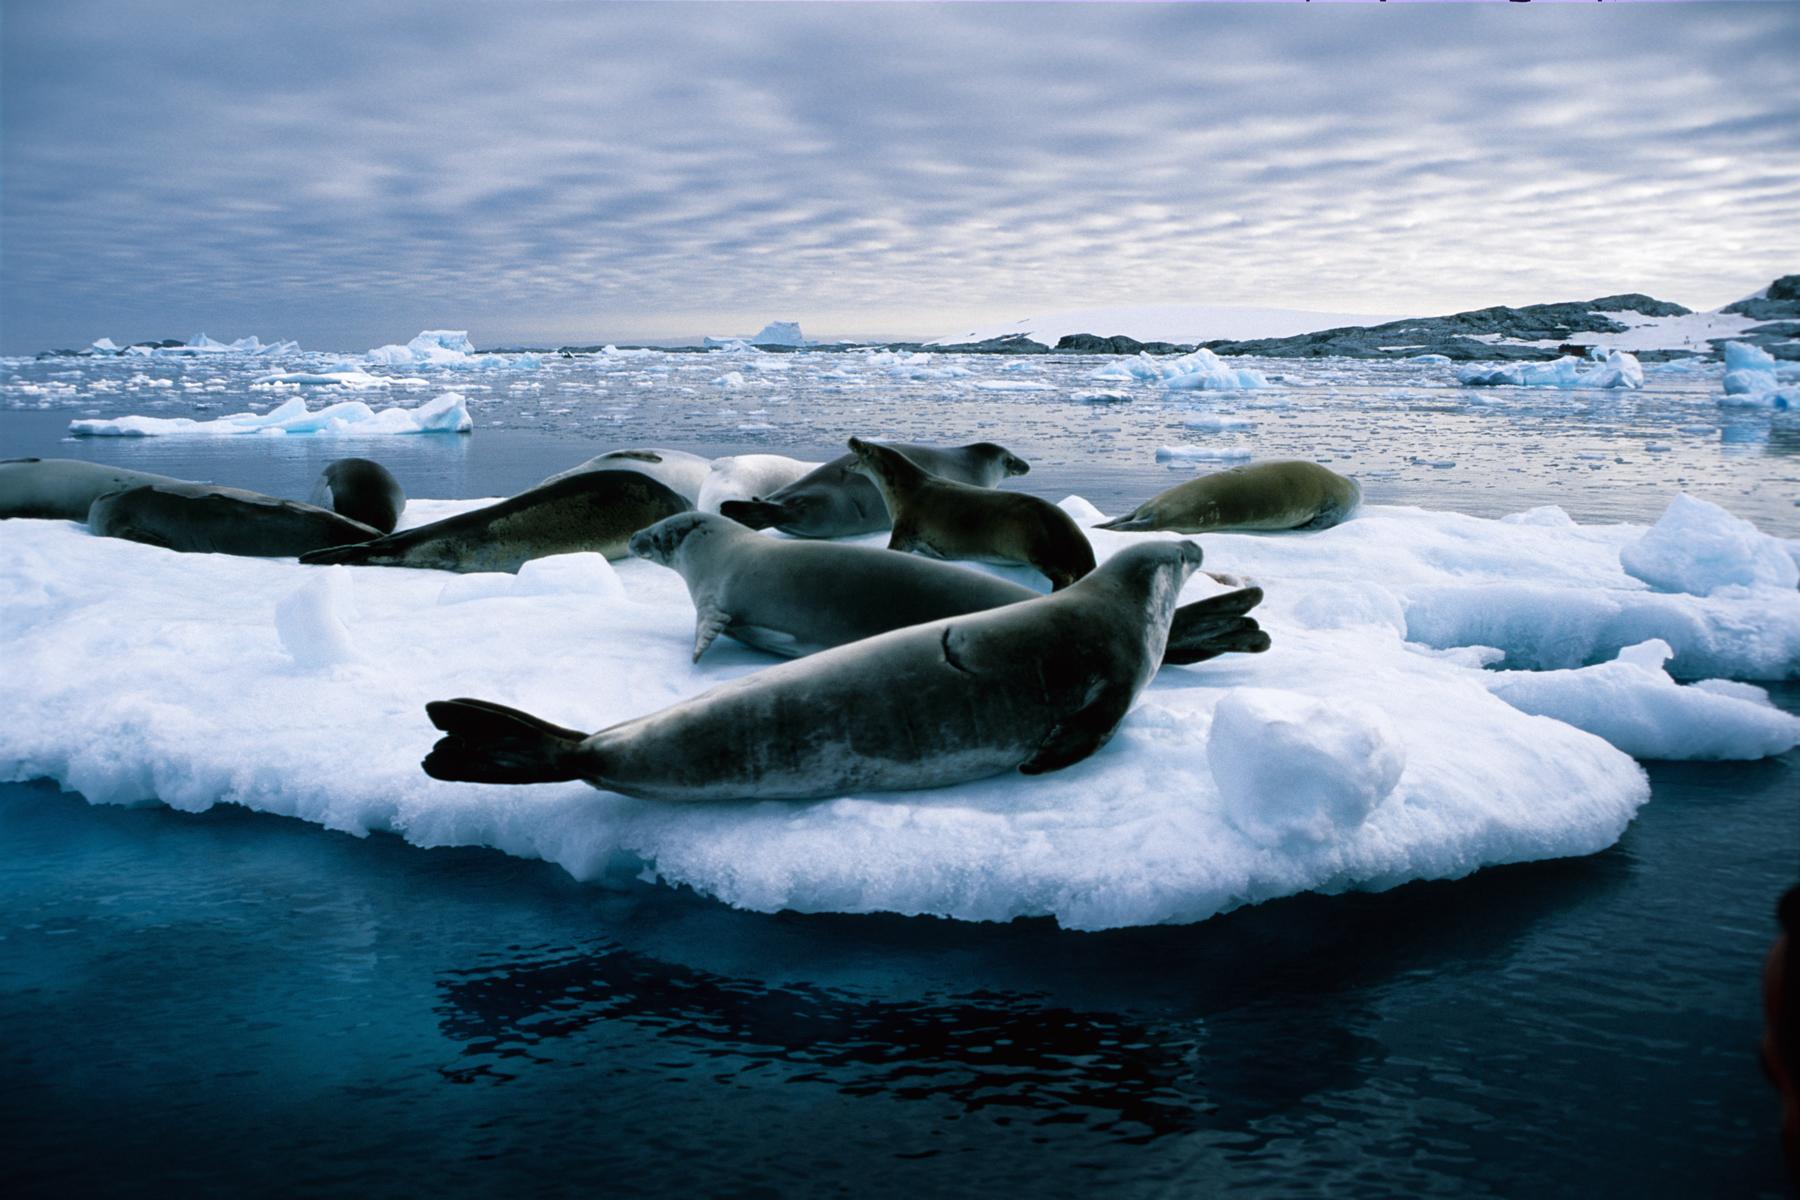 Group of seals in Antarctica